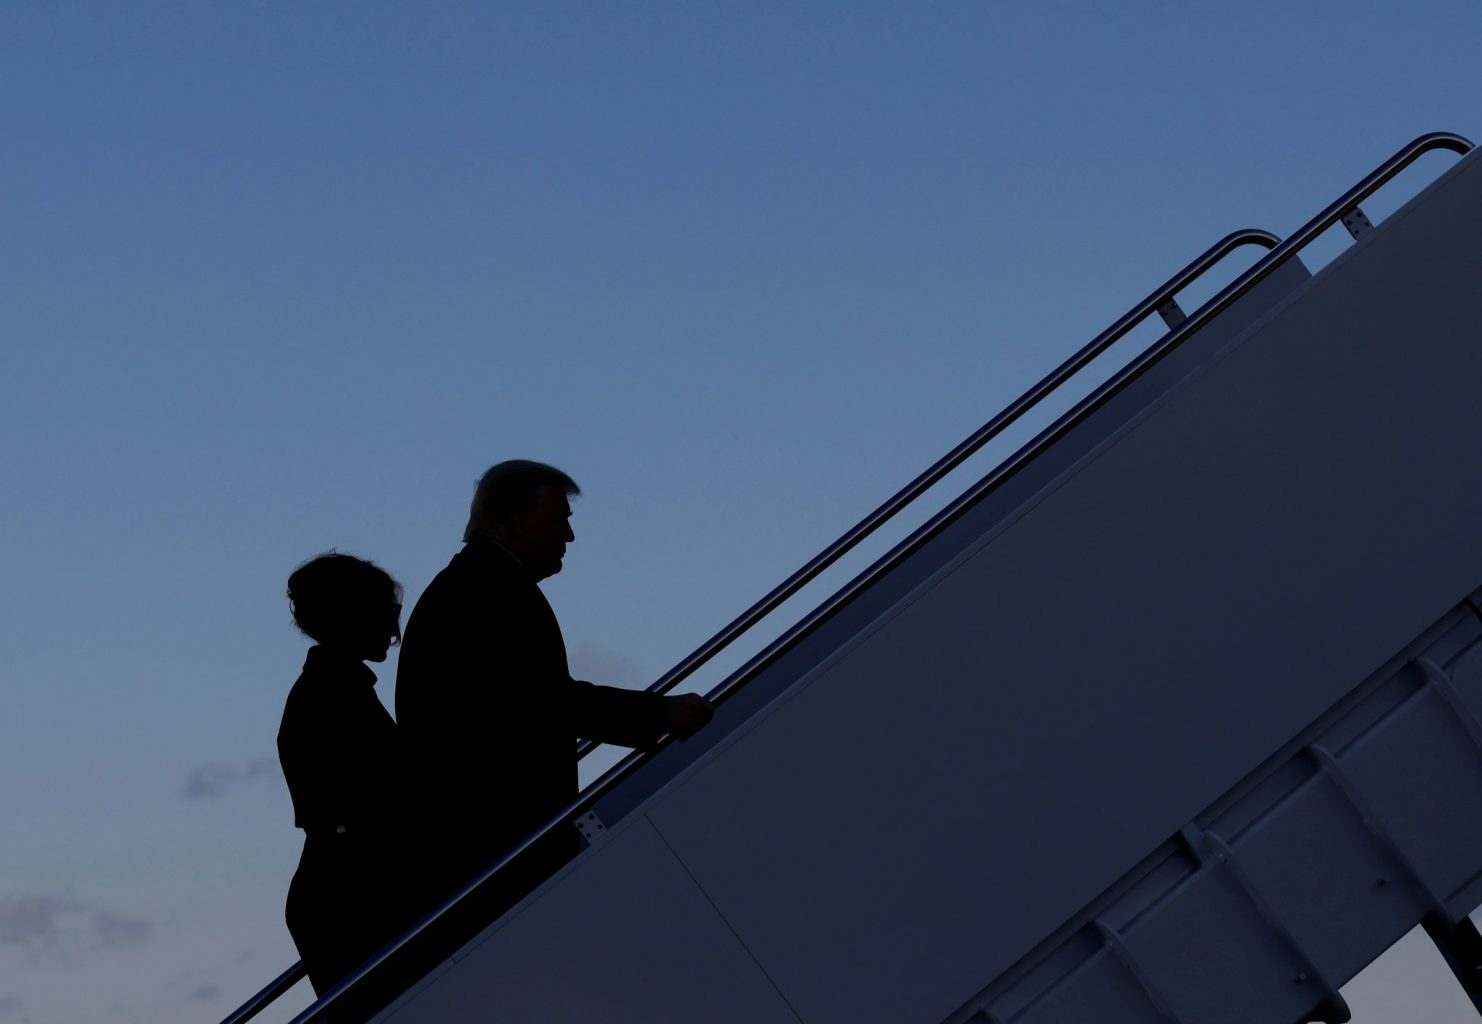 فلورڈا کے لیے روانہ ہوتے سابق صدر ڈونالڈ ٹرمپ اور ان کی بیوی میلنیا ٹرمپ۔ (فوٹو: رائٹرس)